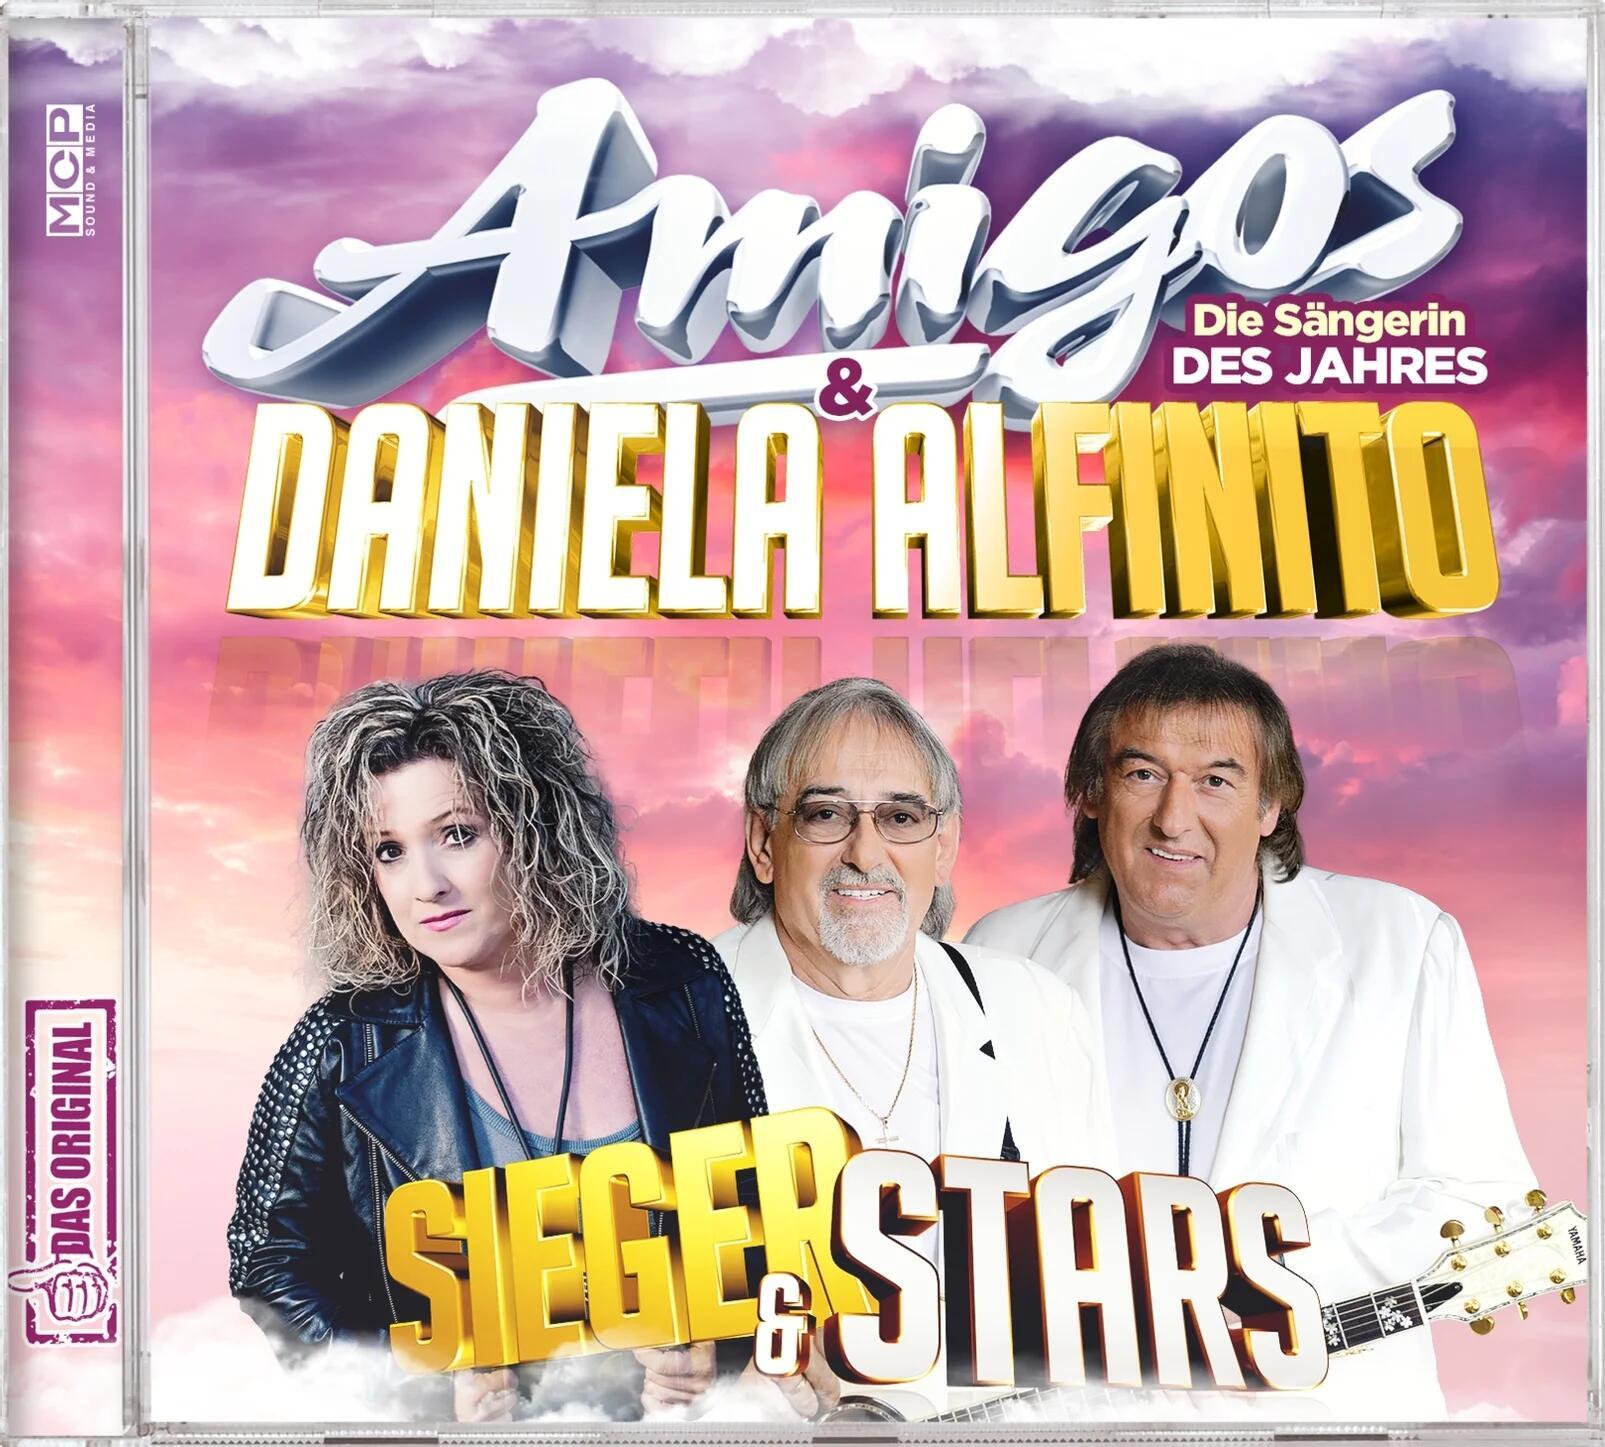 Amigos & Daniela Alfinito - Sieger & Stars (2021)